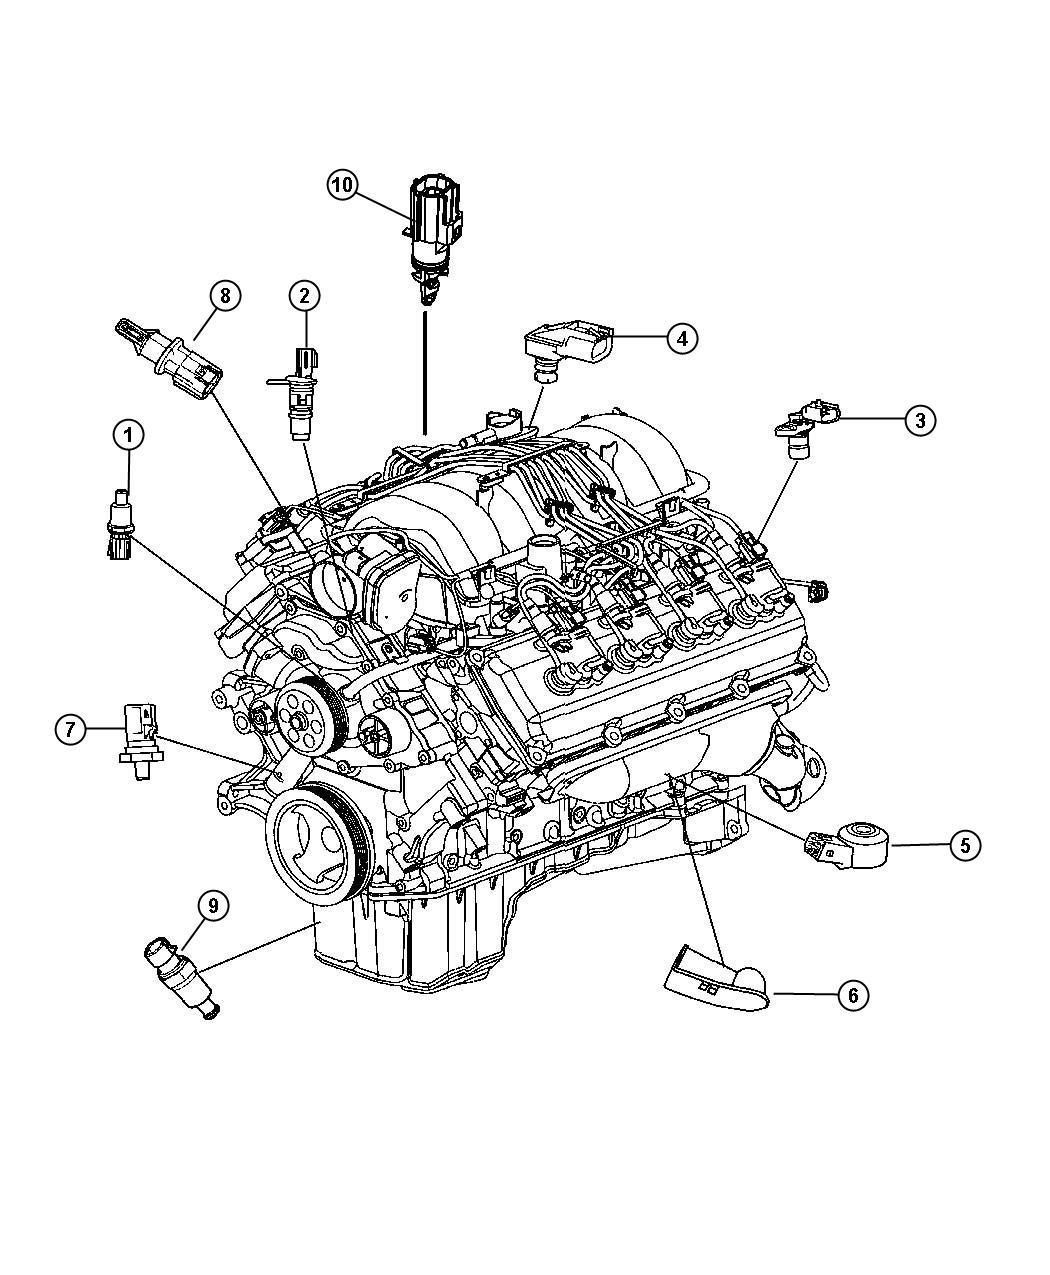 Dodge Charger Sensor. Crankshaft position. After 04/21/08